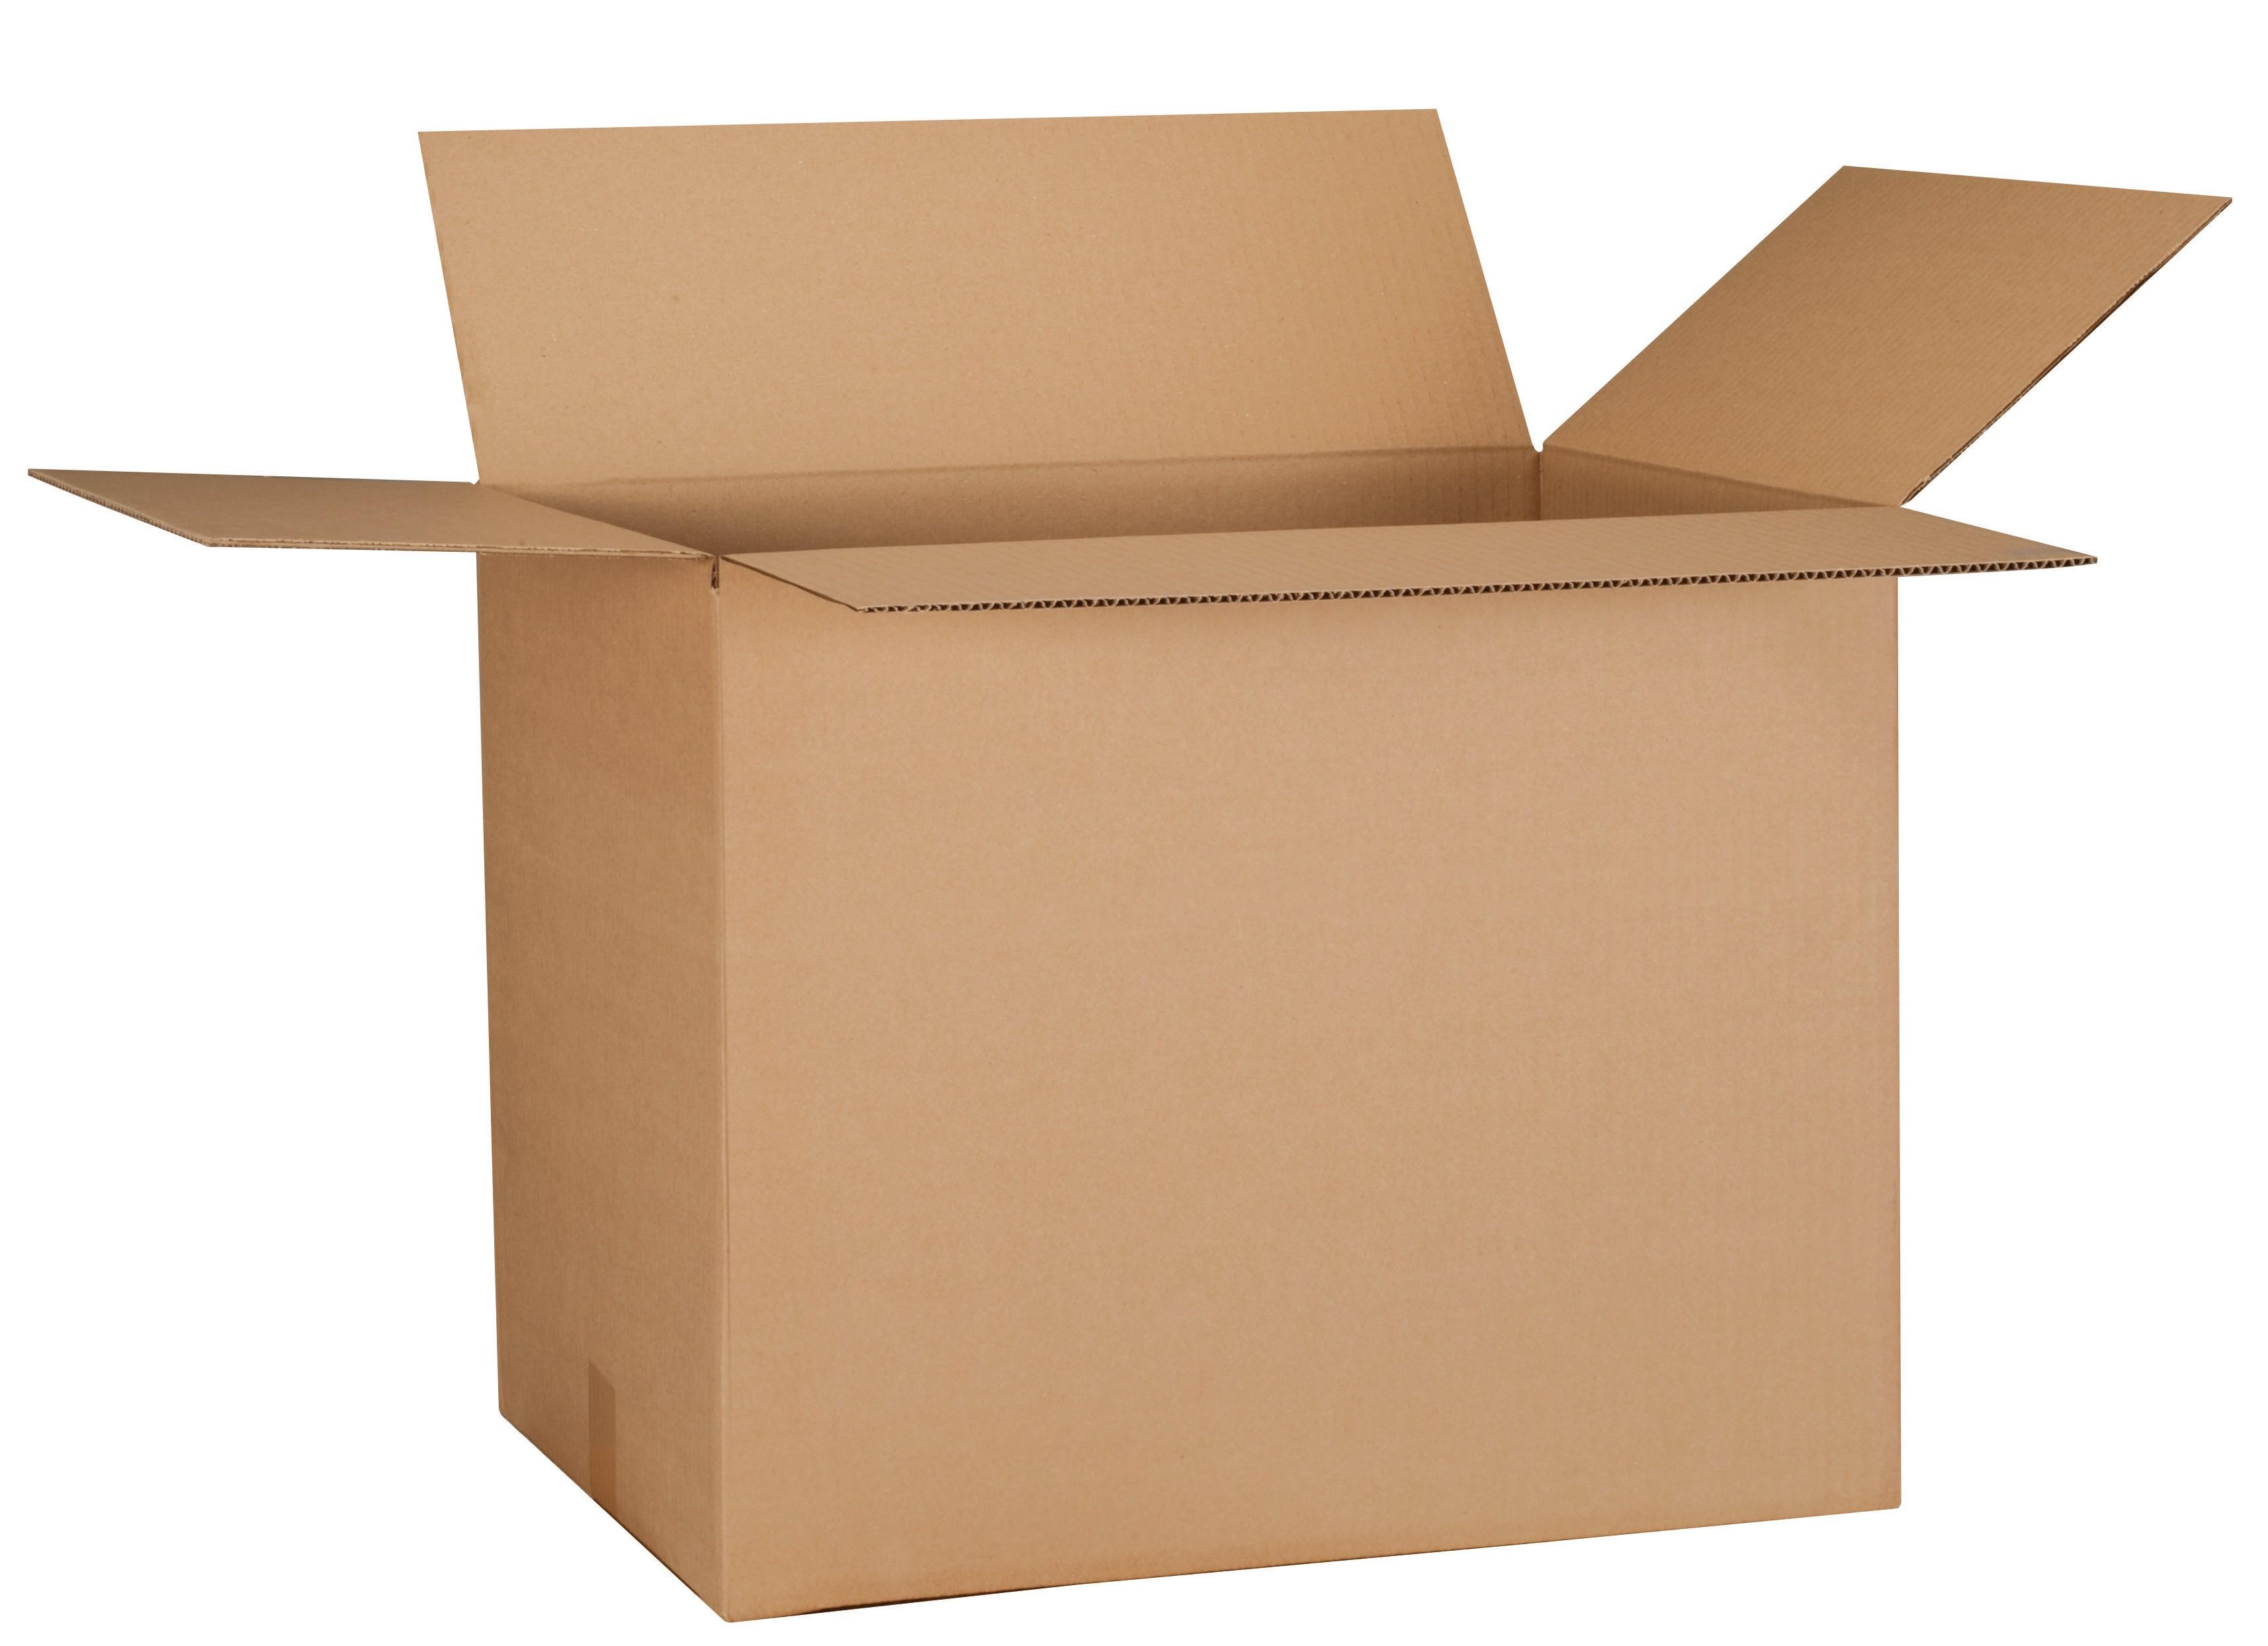 Carton Plus - Carton déménagement - 30 cm x 20 cm x 17 cm - simple cannelure